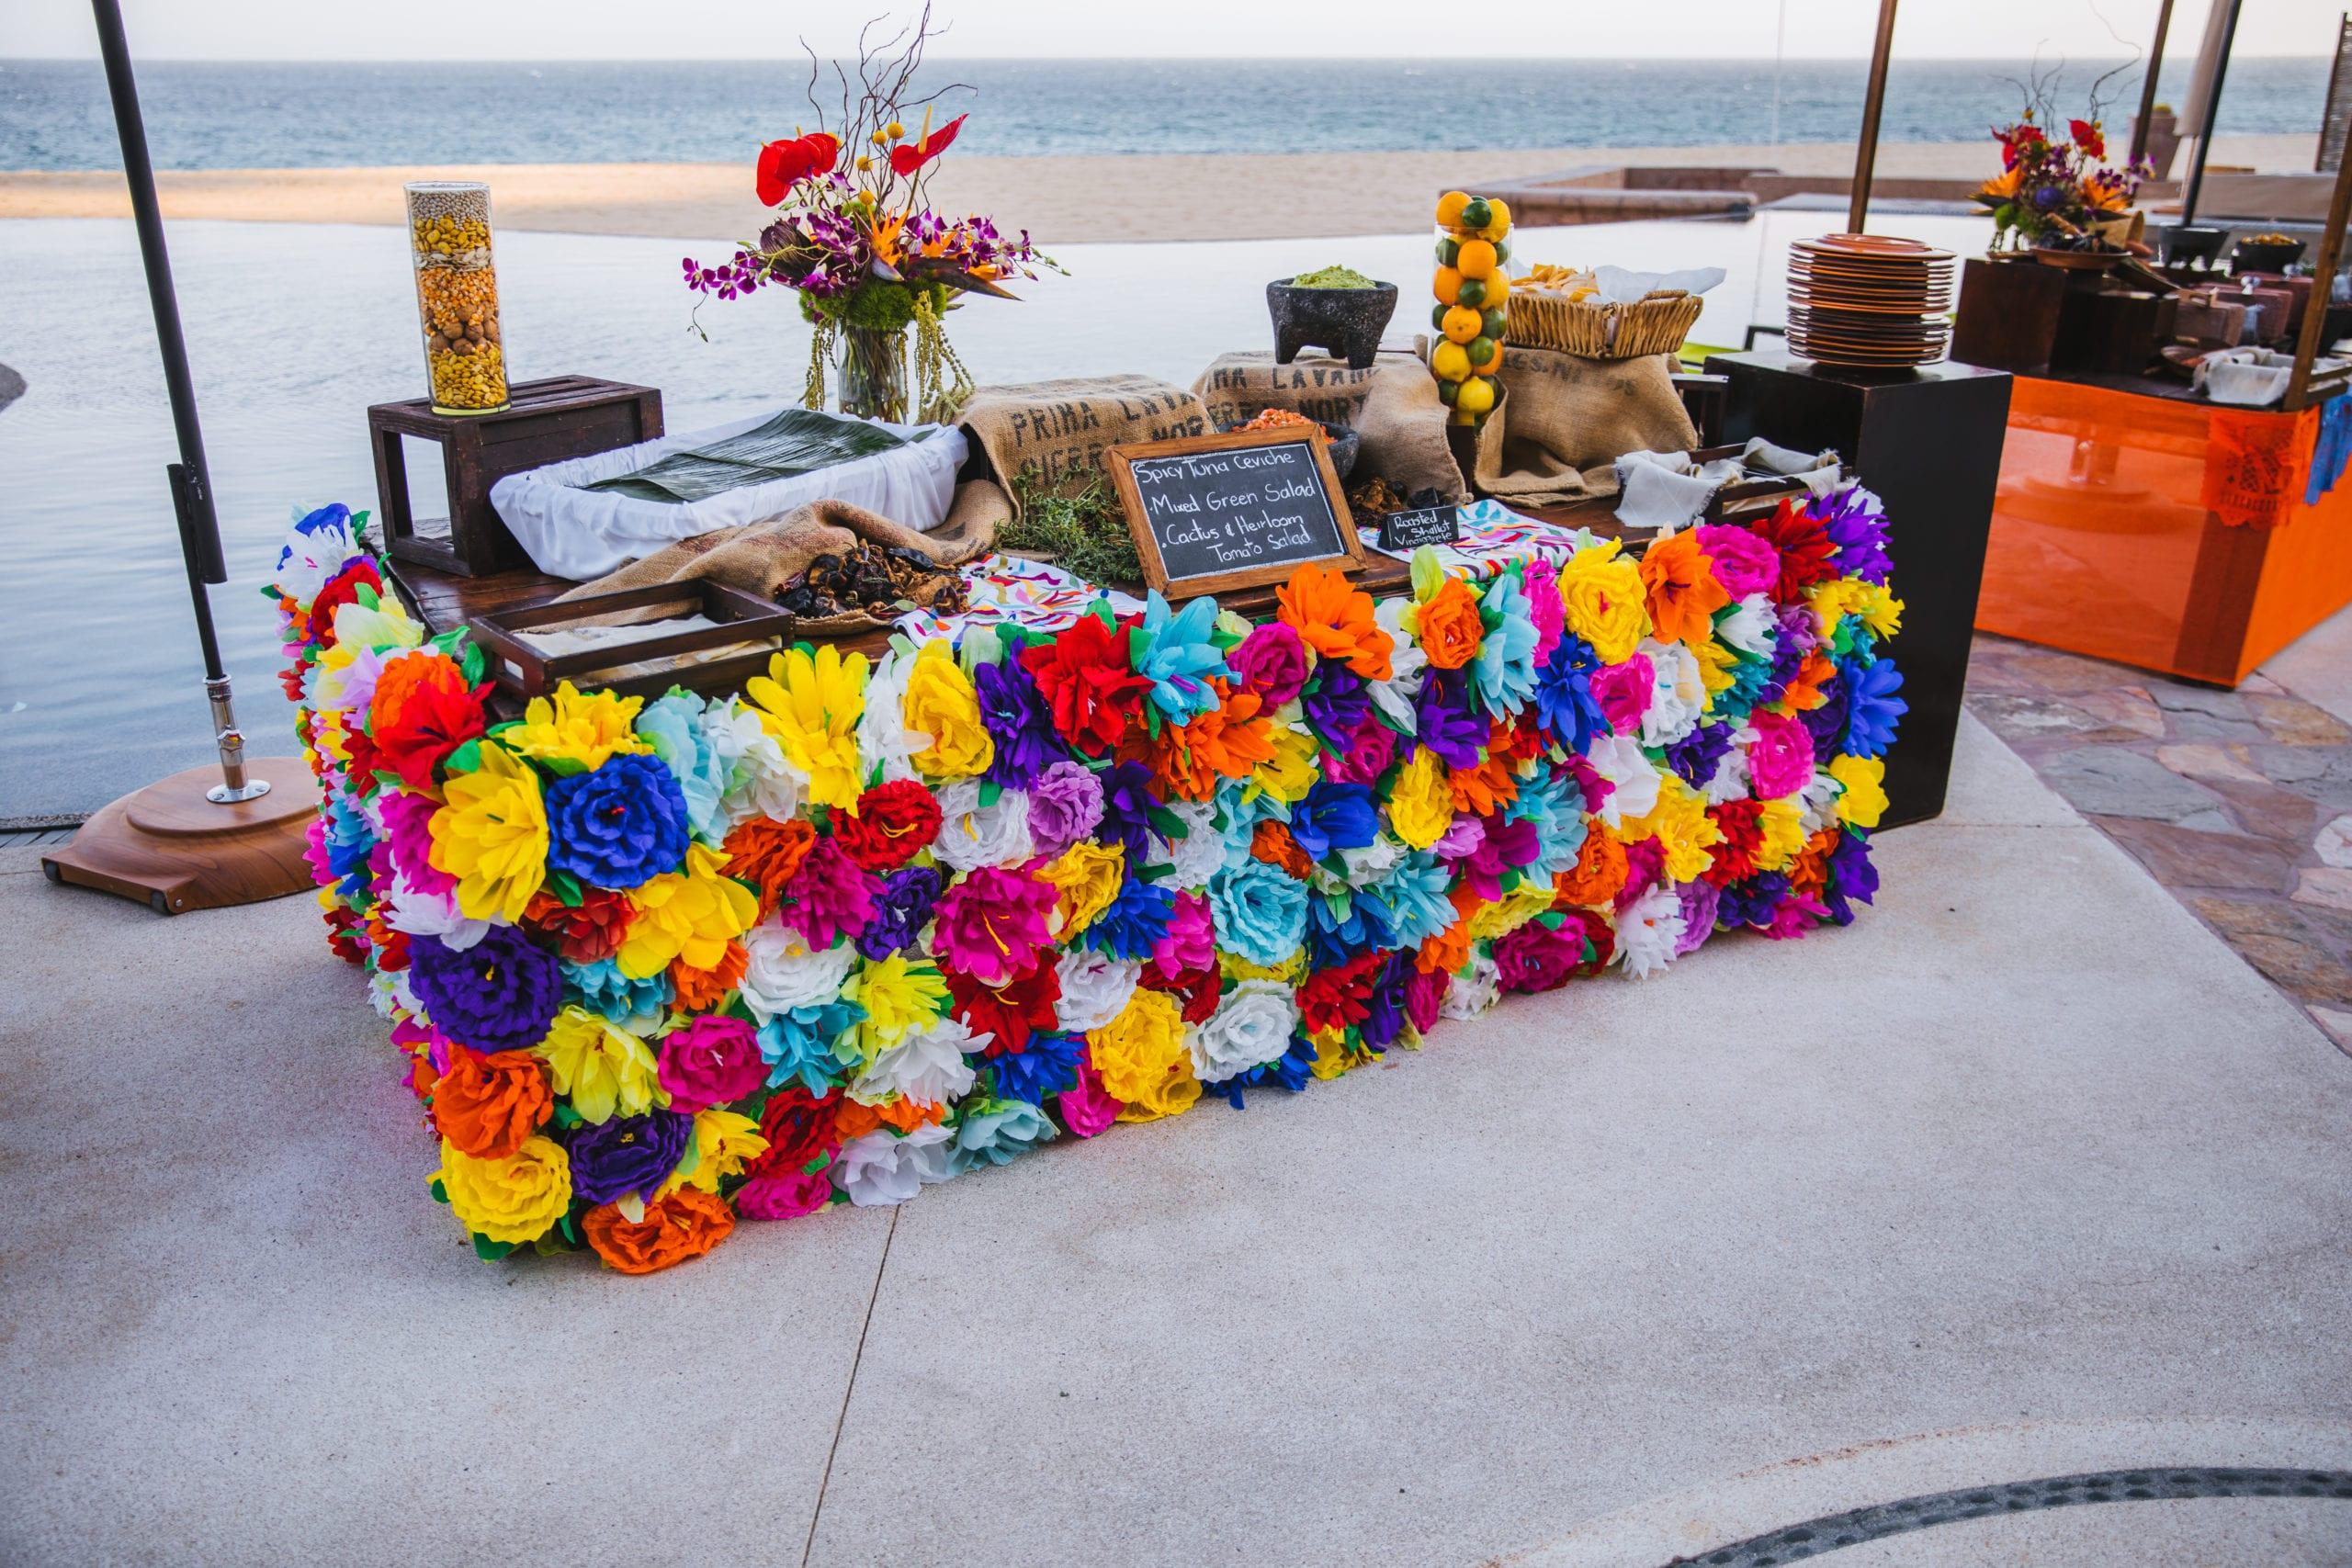 Food sampling desk in Cabo